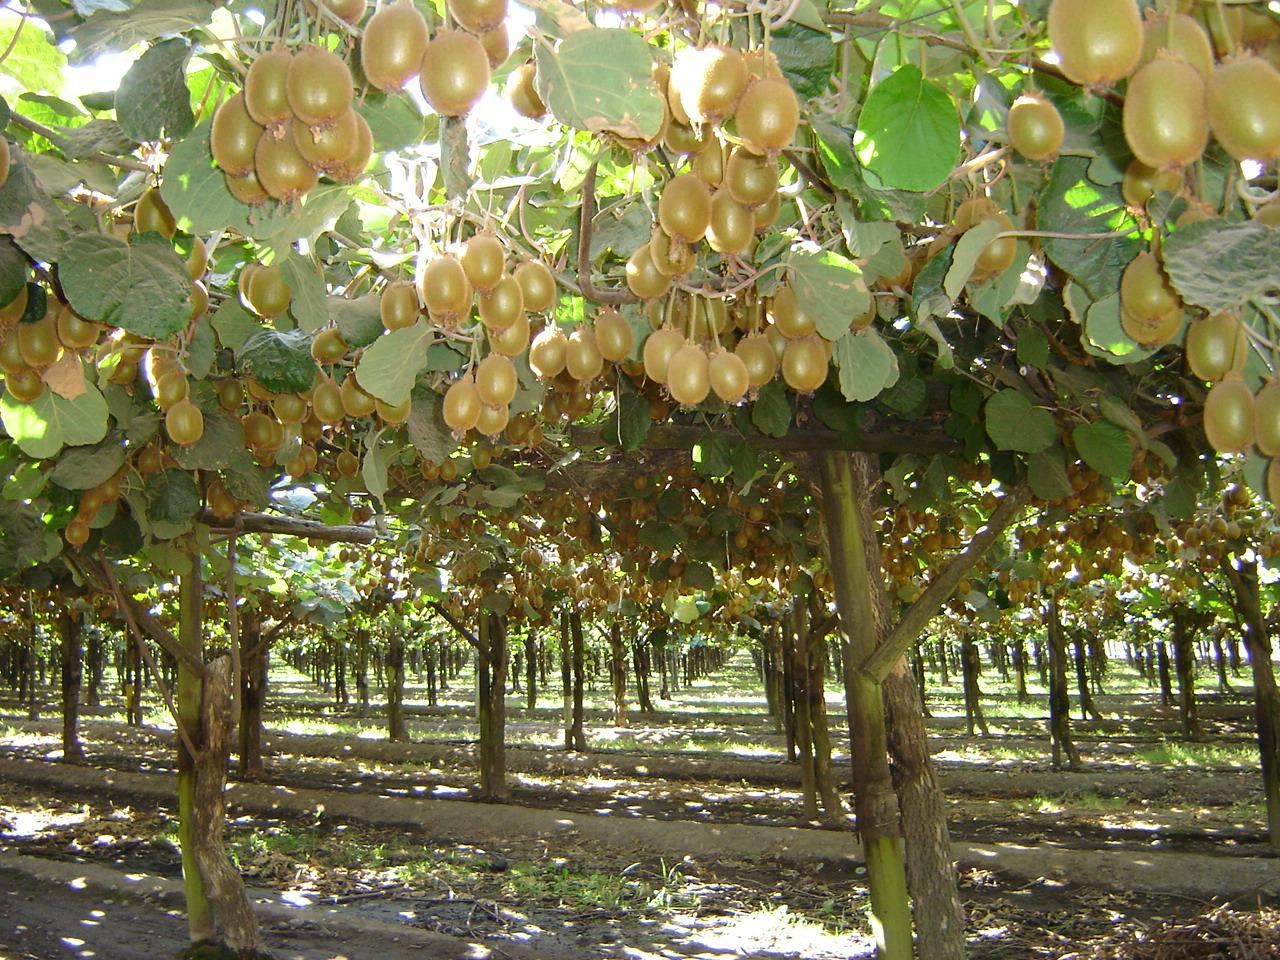 Sag Del Maule Inspeccionar 225 Plantaciones De Kiwi Notas